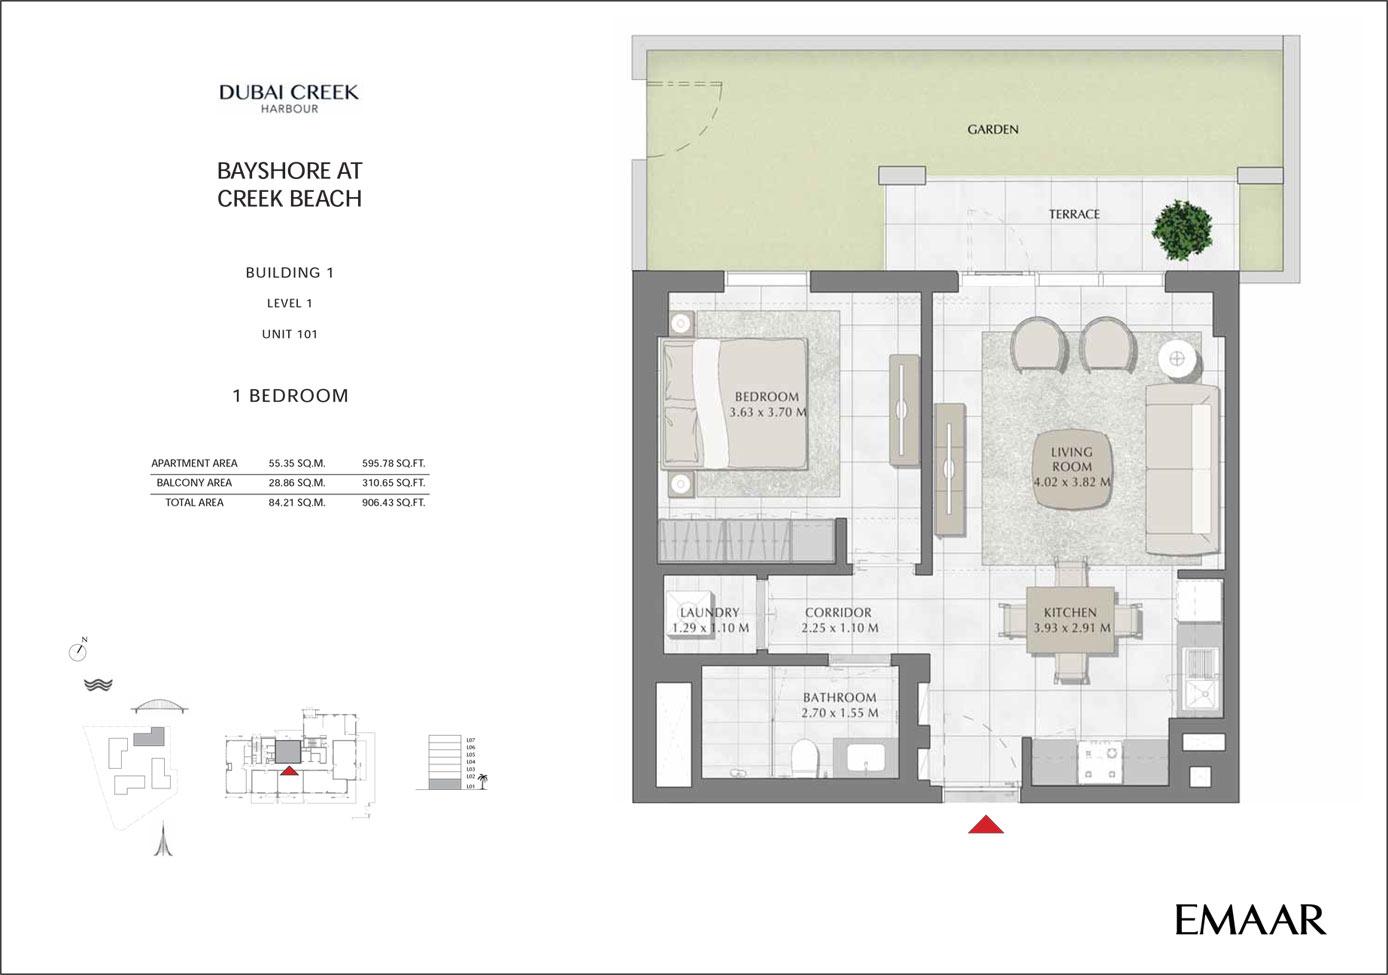 المبني 1 - 1 غرفة نوم،المستوى 1،وحدة 101، حجم 906 قدم مربع